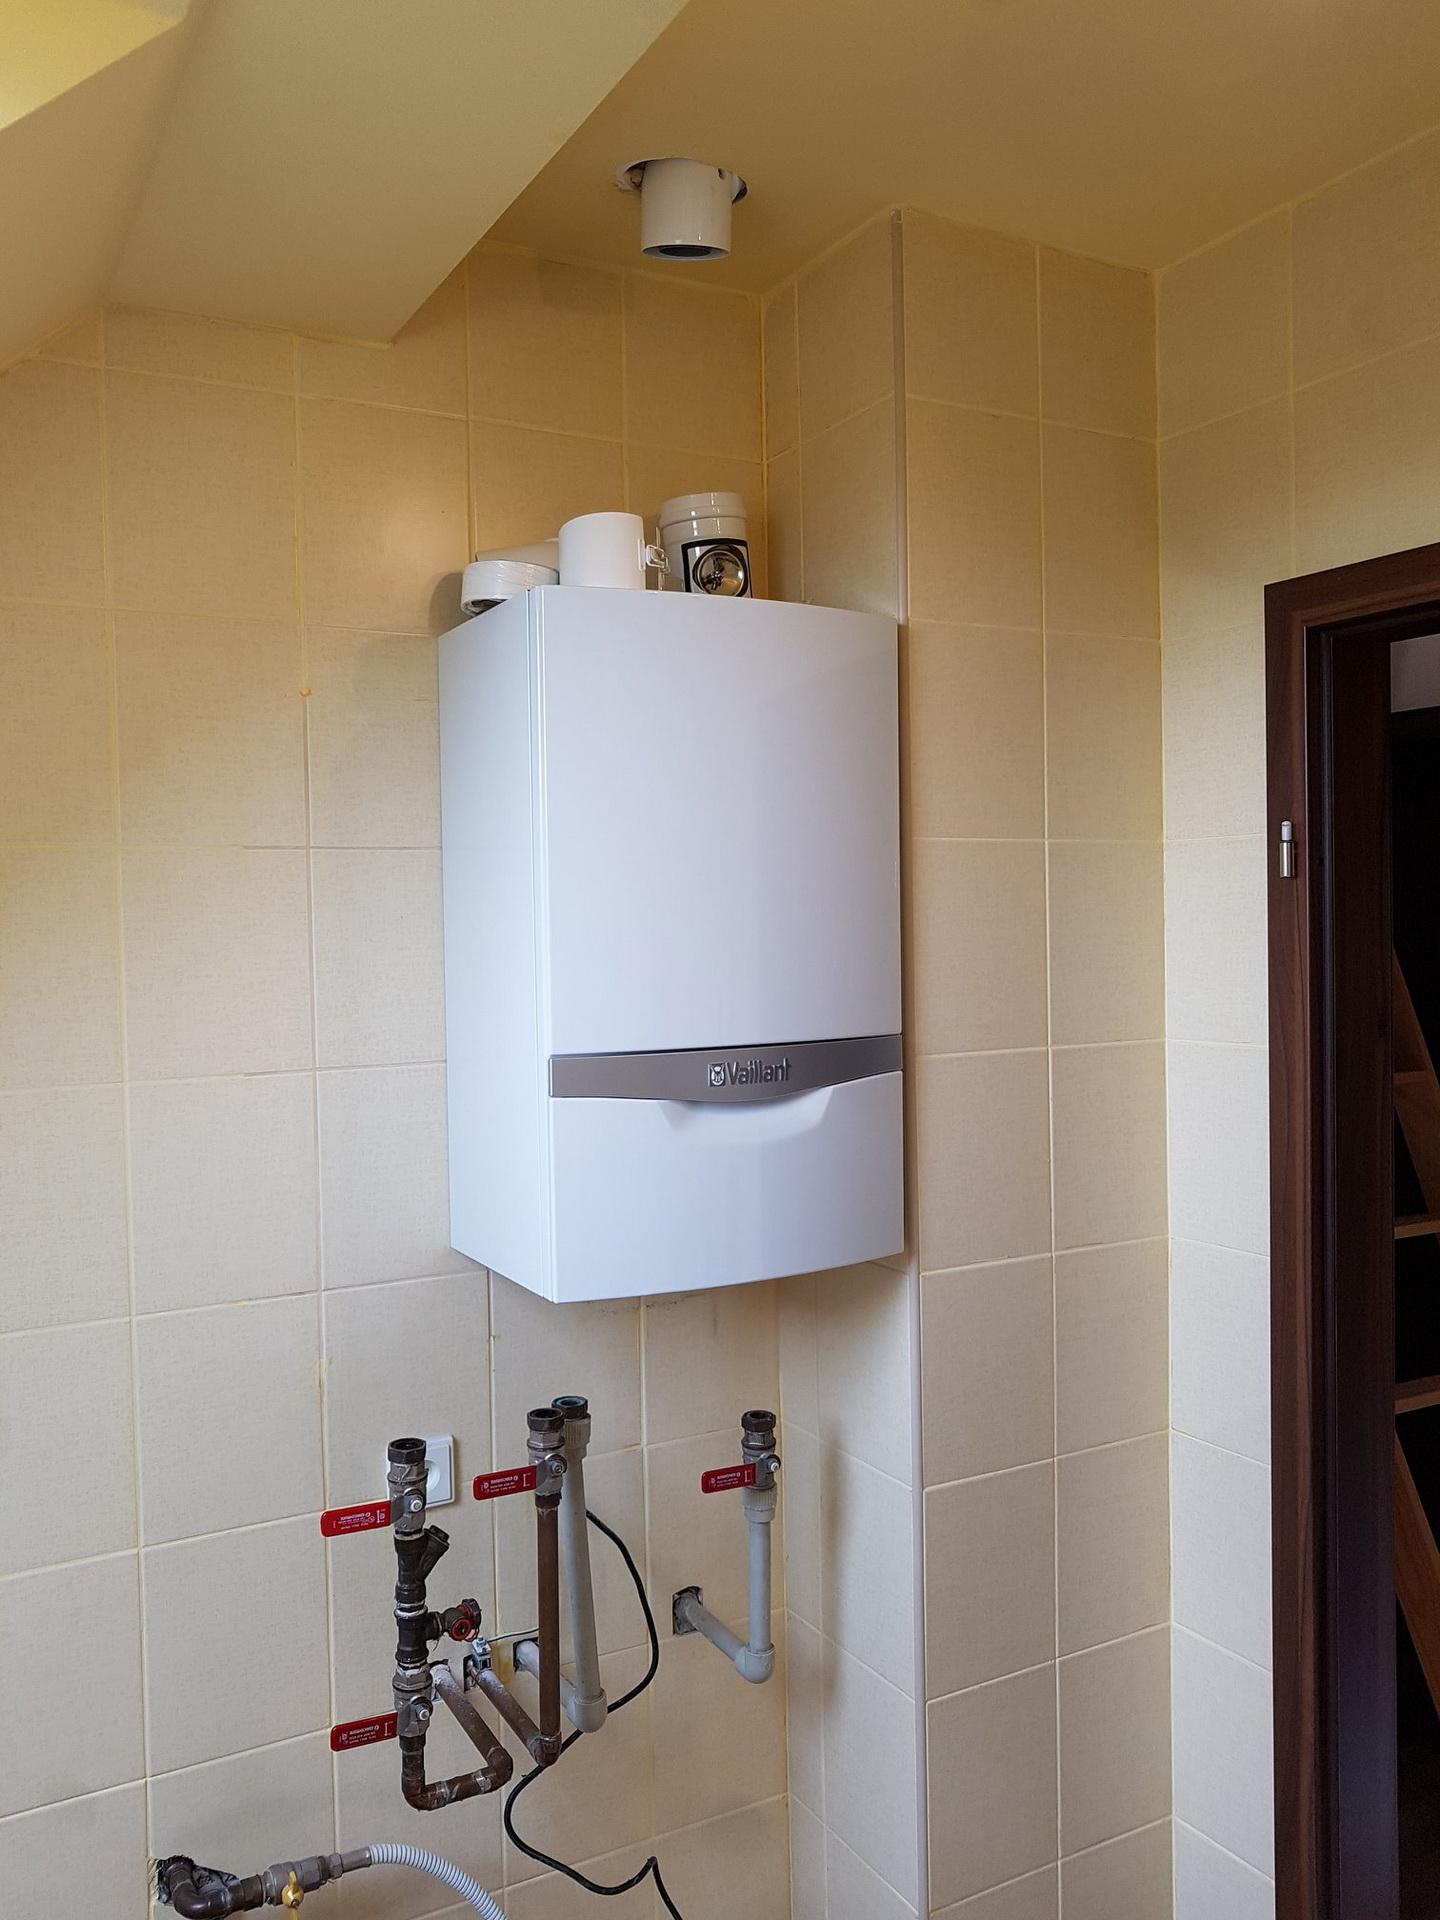 Výměna staršího kotle Ferroli za nový kondenzační kotel Vaillant VUW 246/5-5 ecoTEC plus